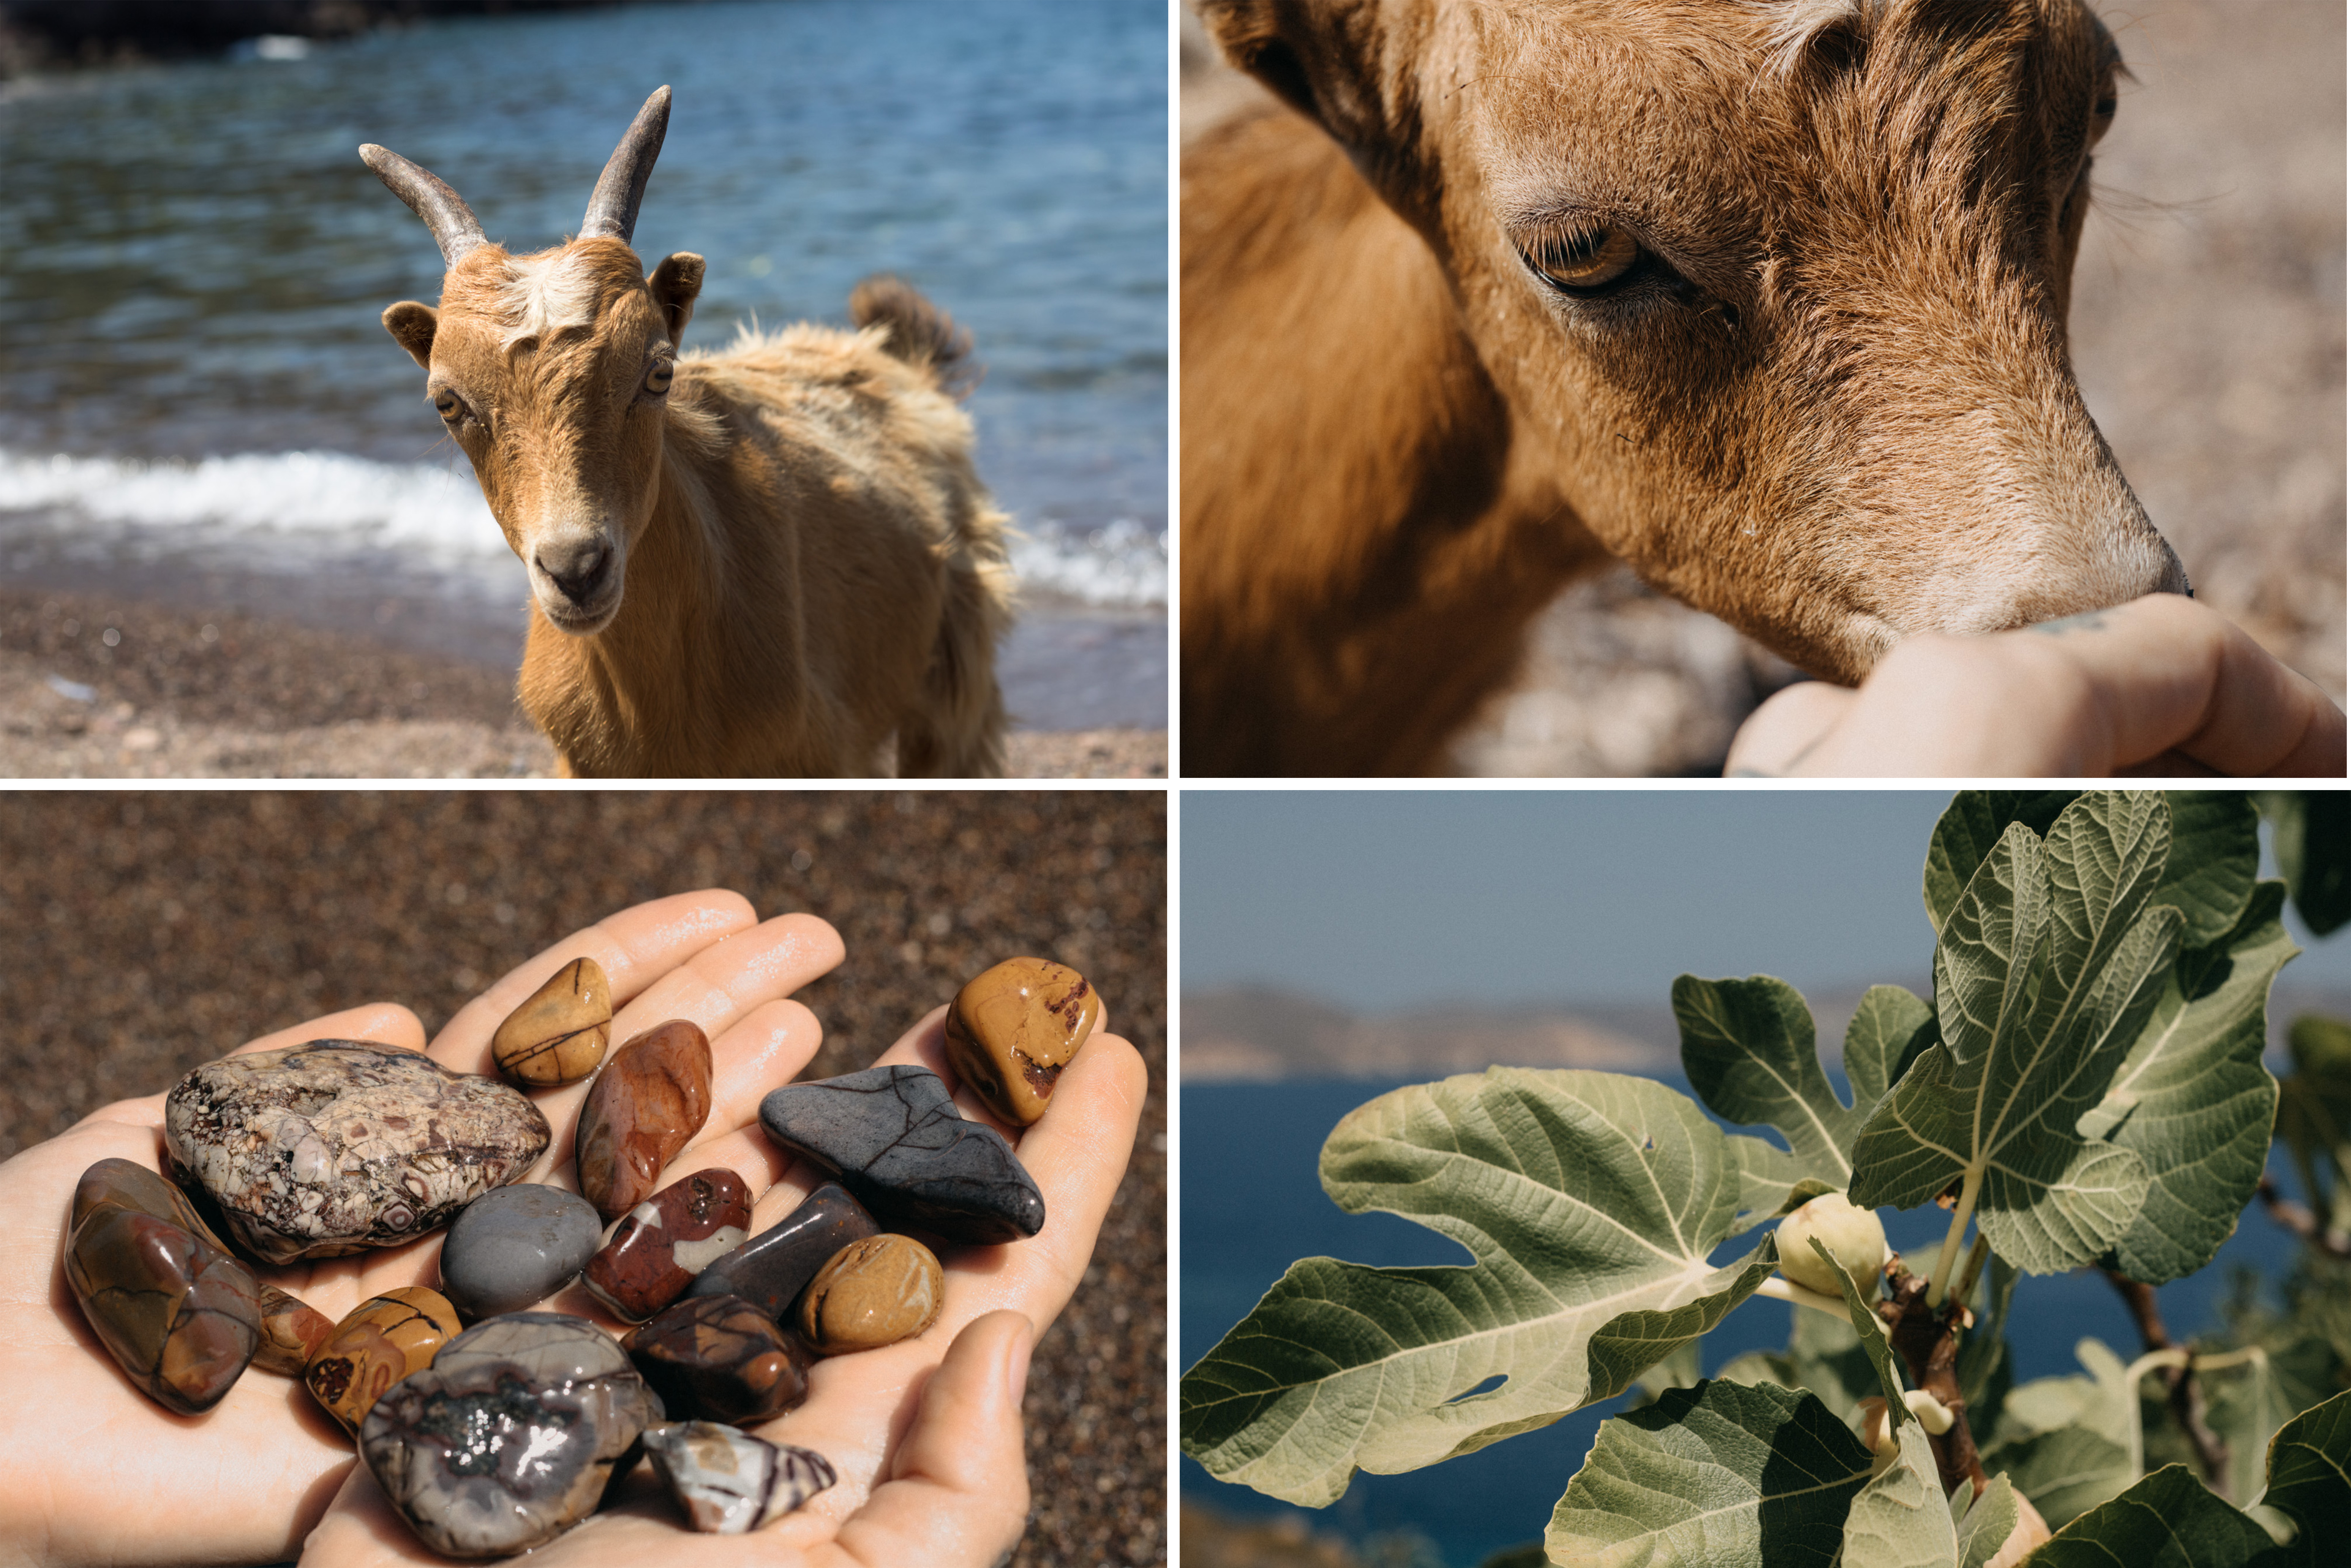 Livadi Kalogiron Strand mit kleiner Ziege, die sich streicheln lässt